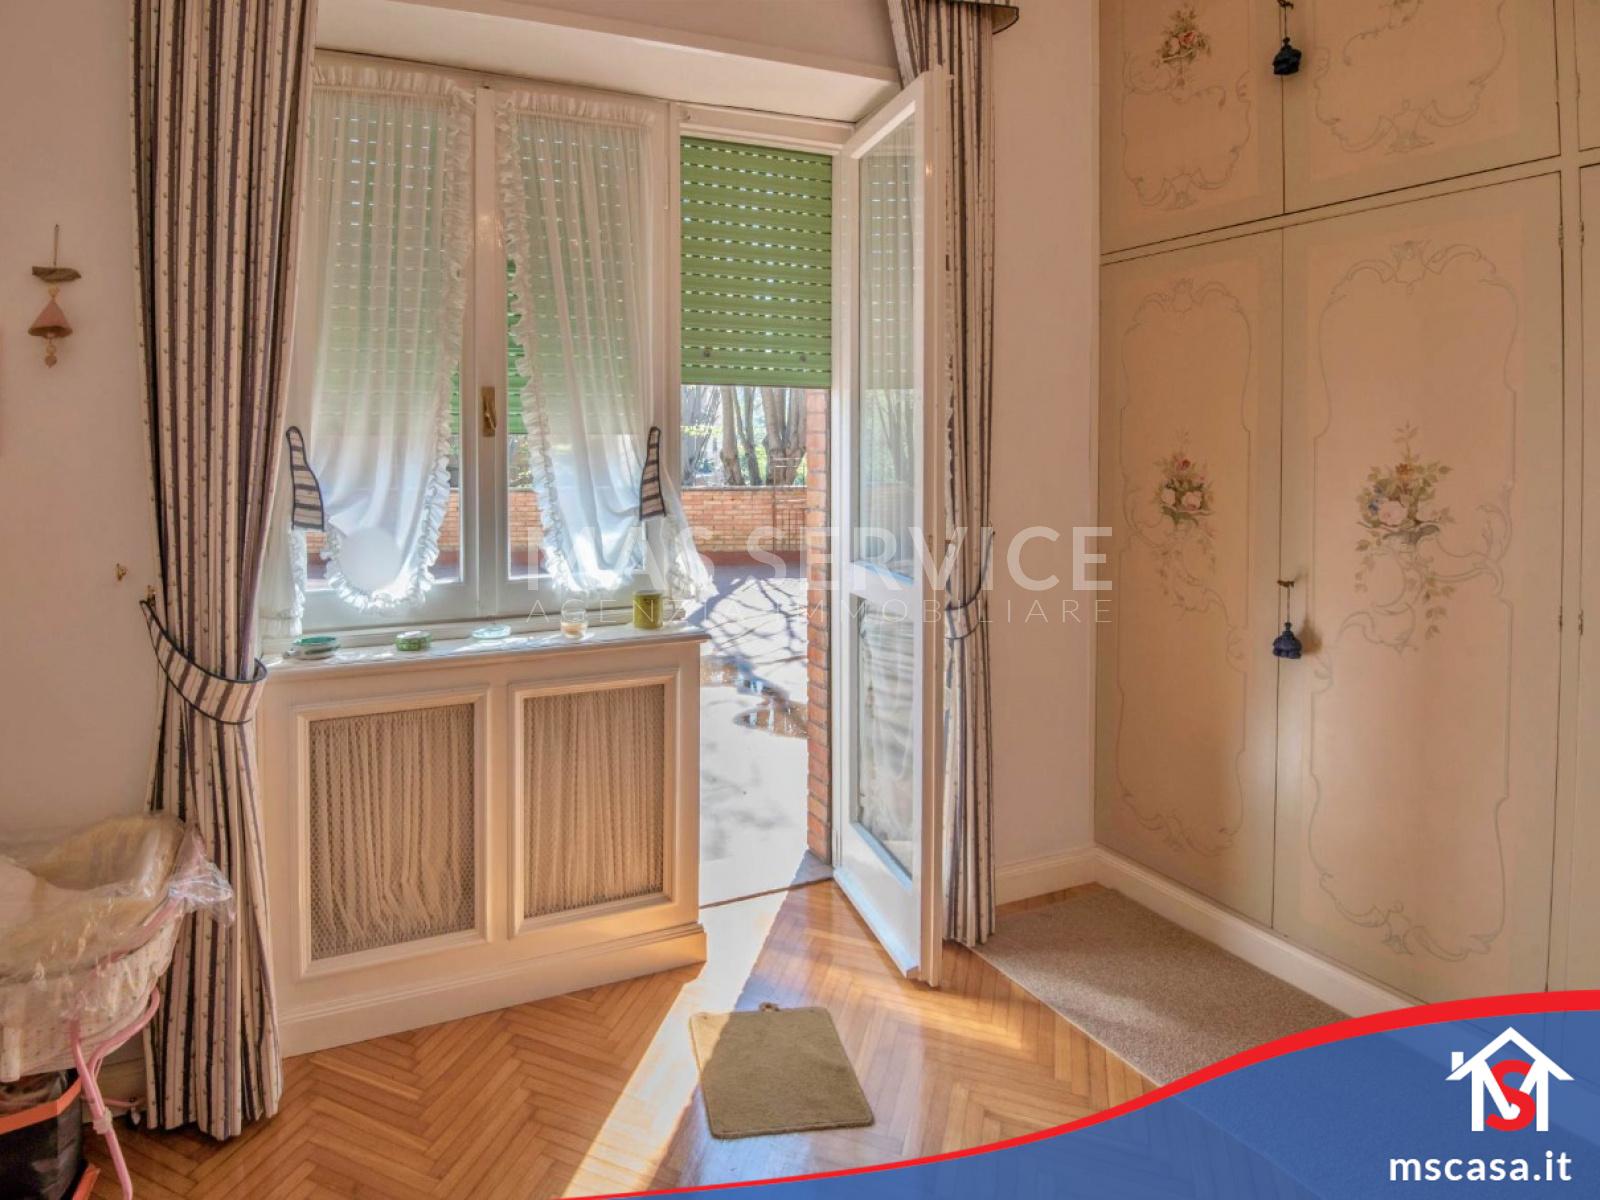 Quadrilocale in vendita zona Laurentina a Roma Vista  3 Camera da letto dettaglio finestra